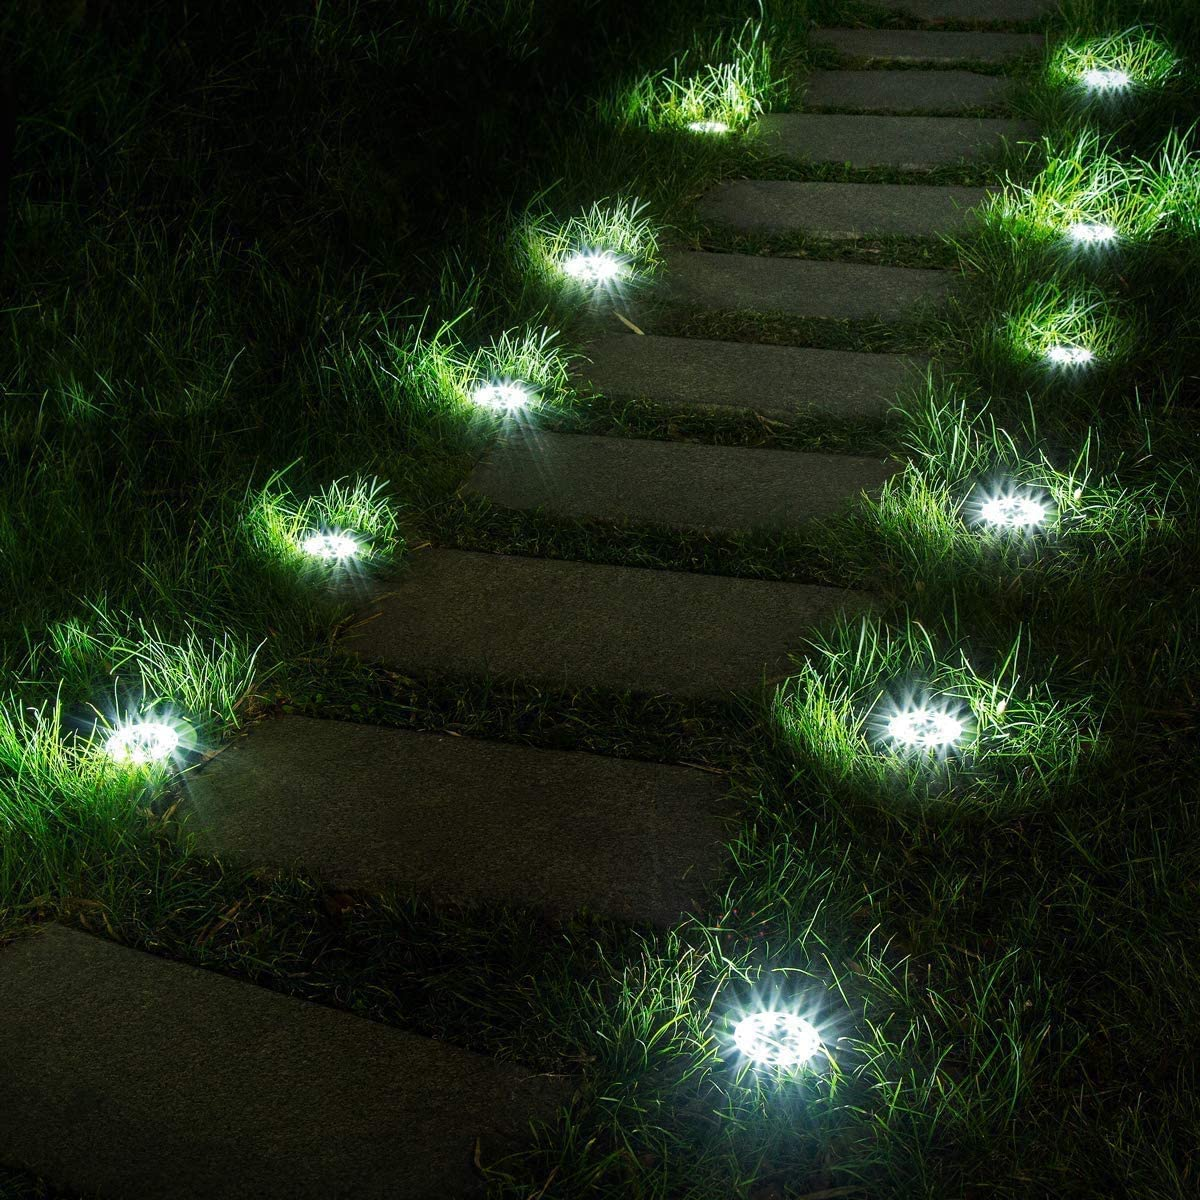 FLOWood Luces Solares para Exterior Patio al Aire Libre Jardín Terraza Camino Césped, Impermeable de Tierra Suelo Luz Blanca Fría, 12 Piezas: Amazon.es: Iluminación